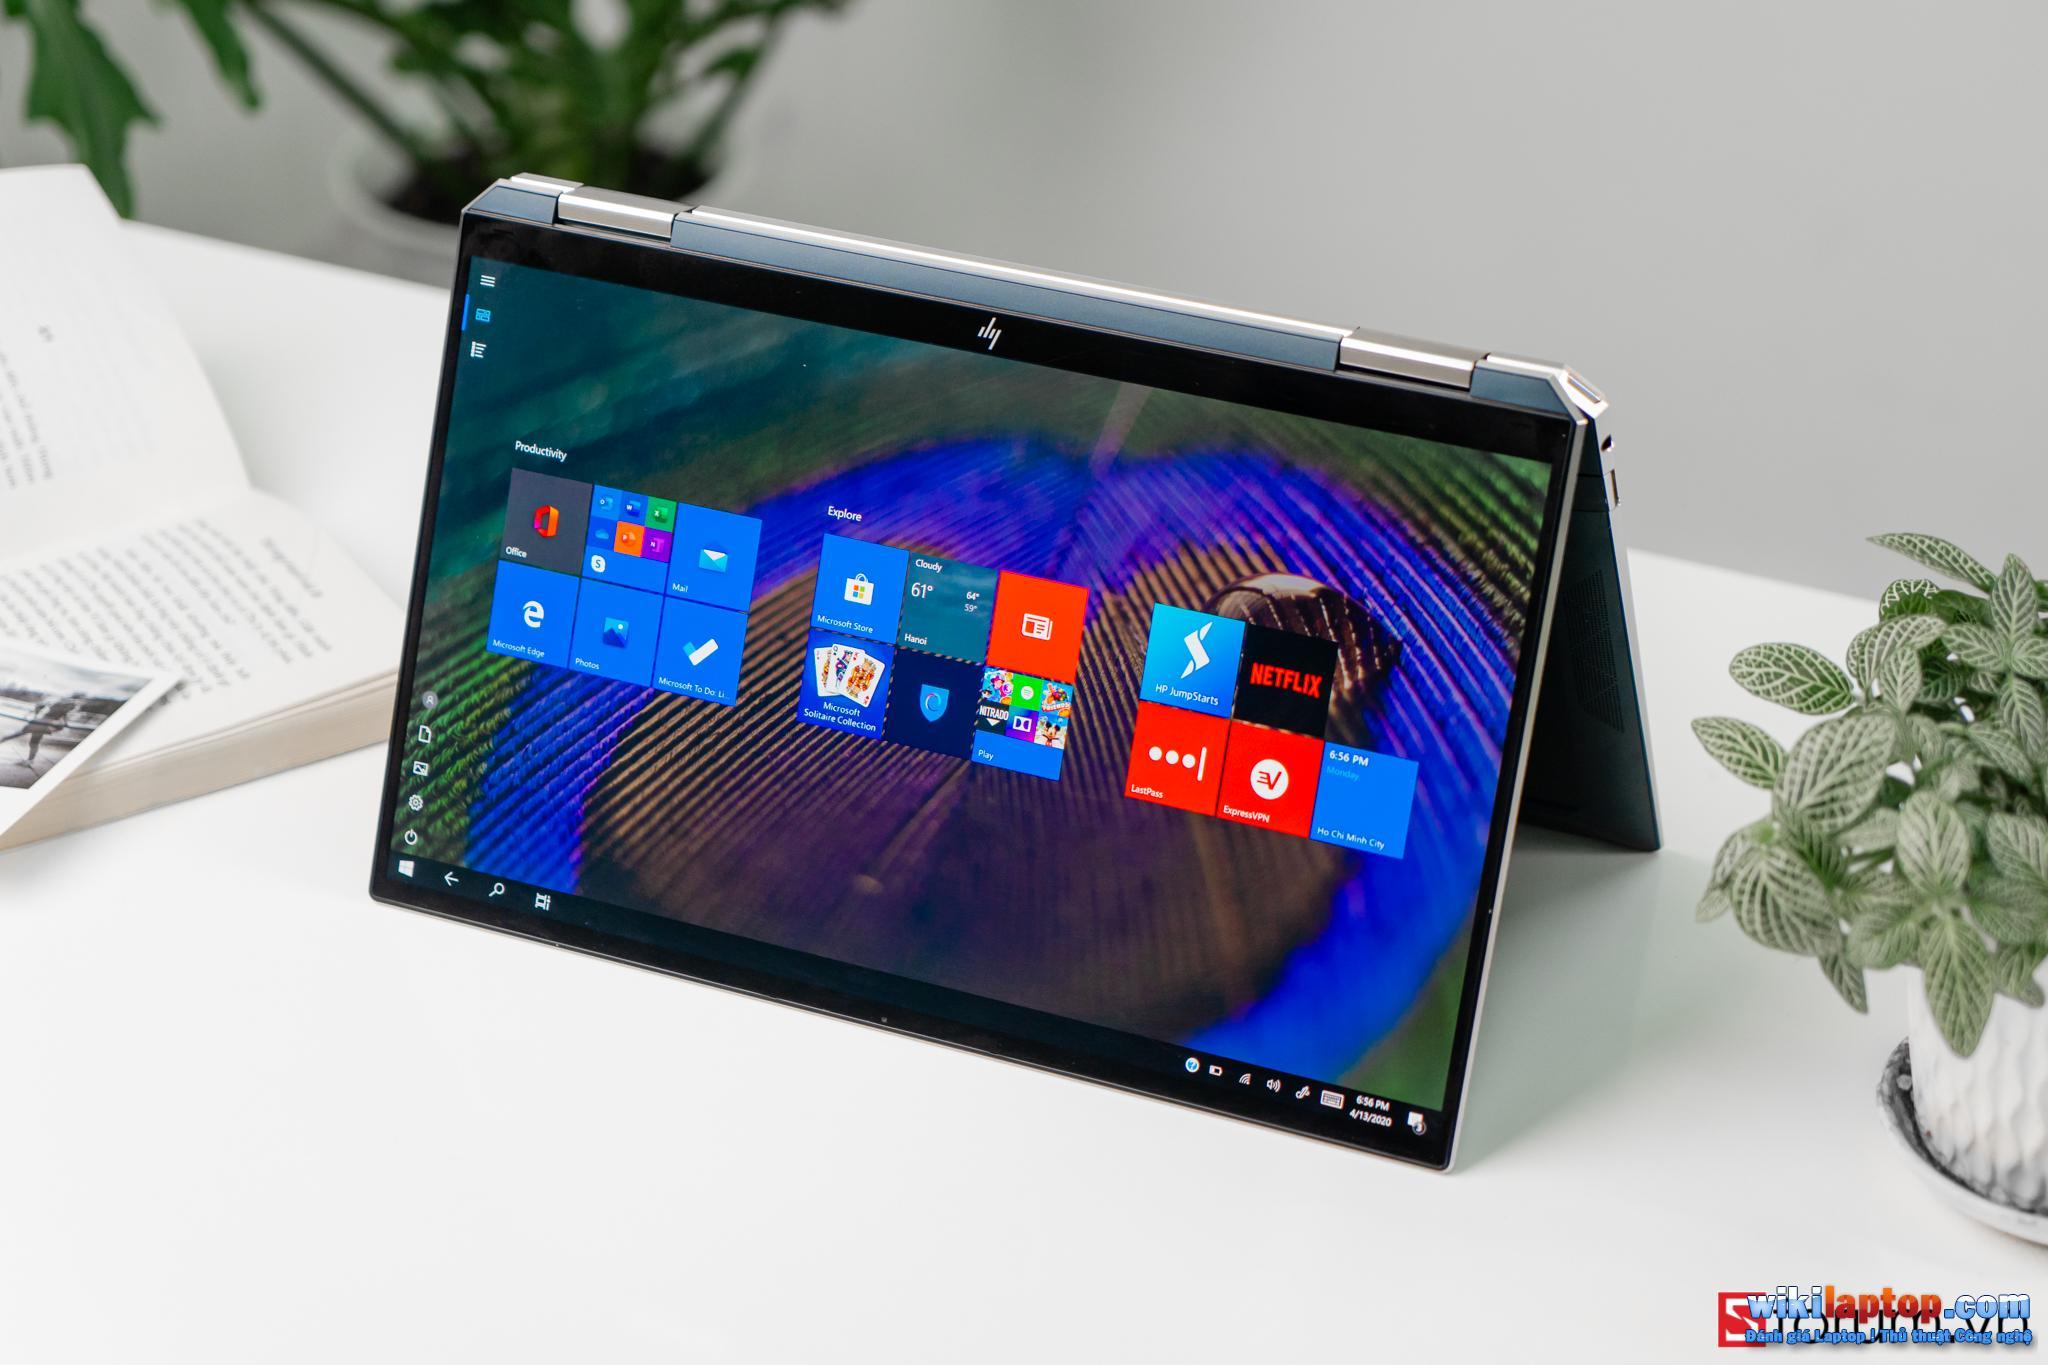 Sforum - Trang thông tin công nghệ mới nhất CPS-HP-Specter-X360-13-46 Đánh giá chi tiết HP Spectre x360 13: Cái gì bên trong một chiếc Laptop có giá gần 50 triệu HP?